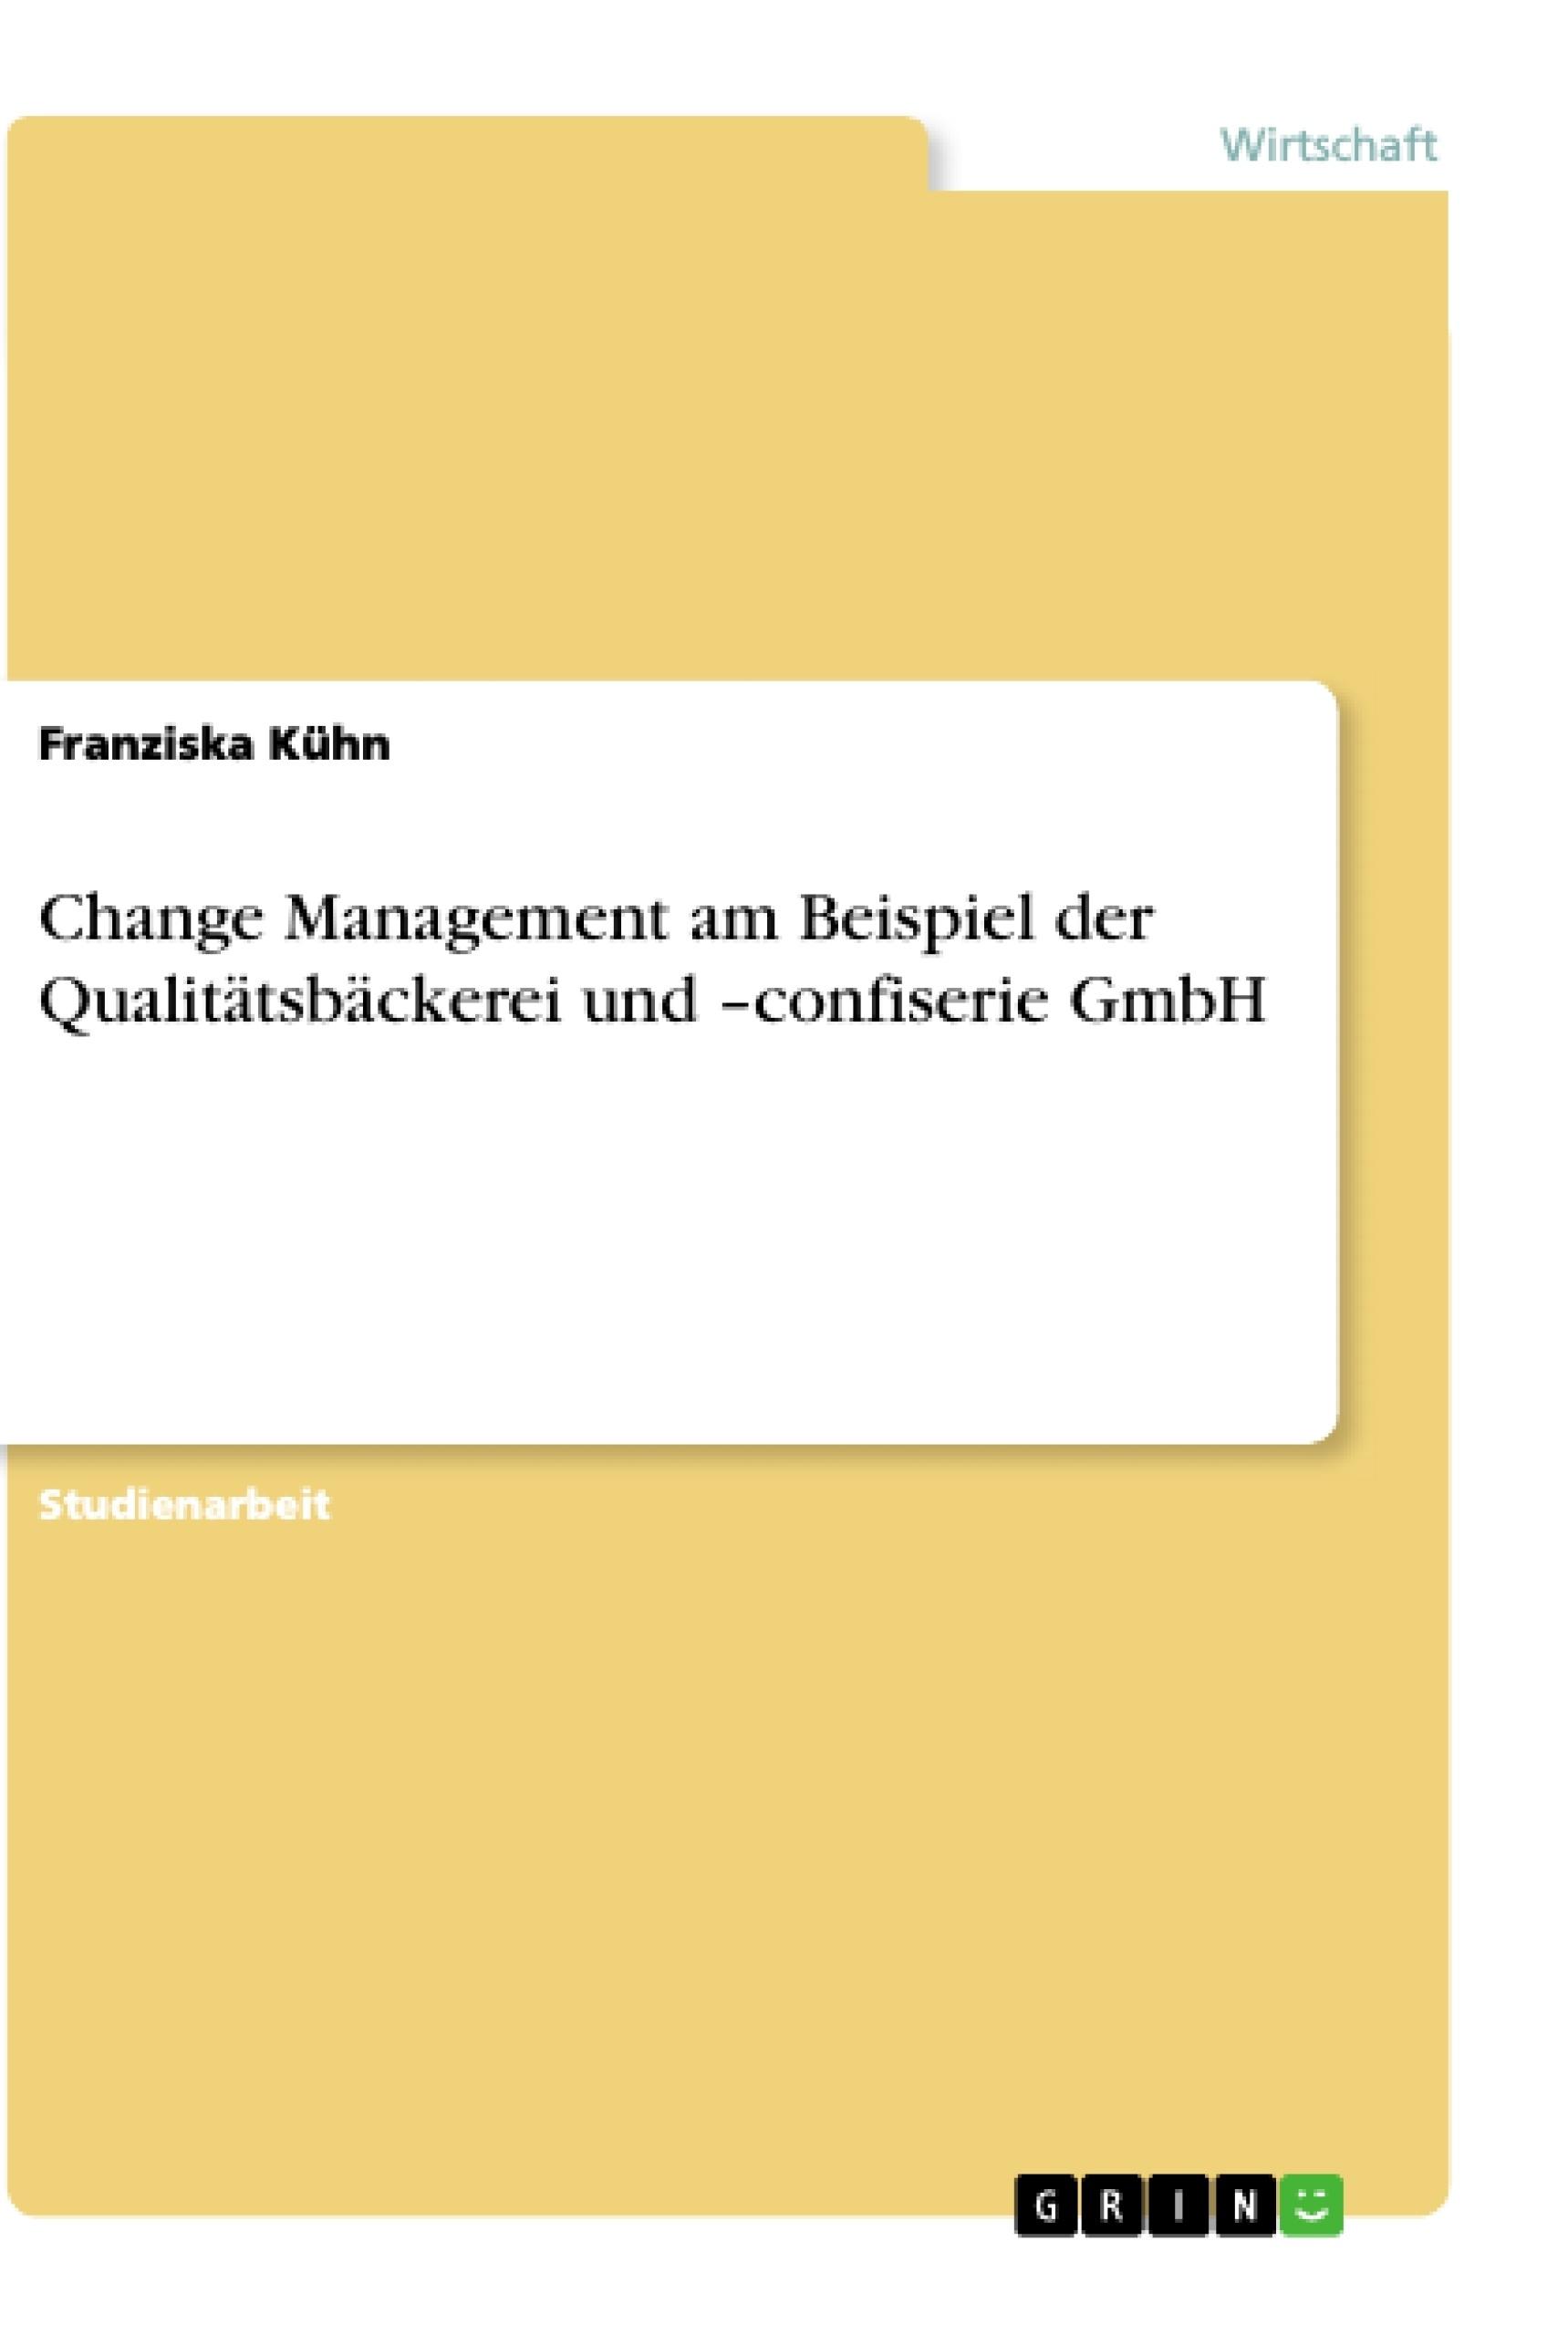 Titel: Change Management am Beispiel der Qualitätsbäckerei und –confiserie GmbH